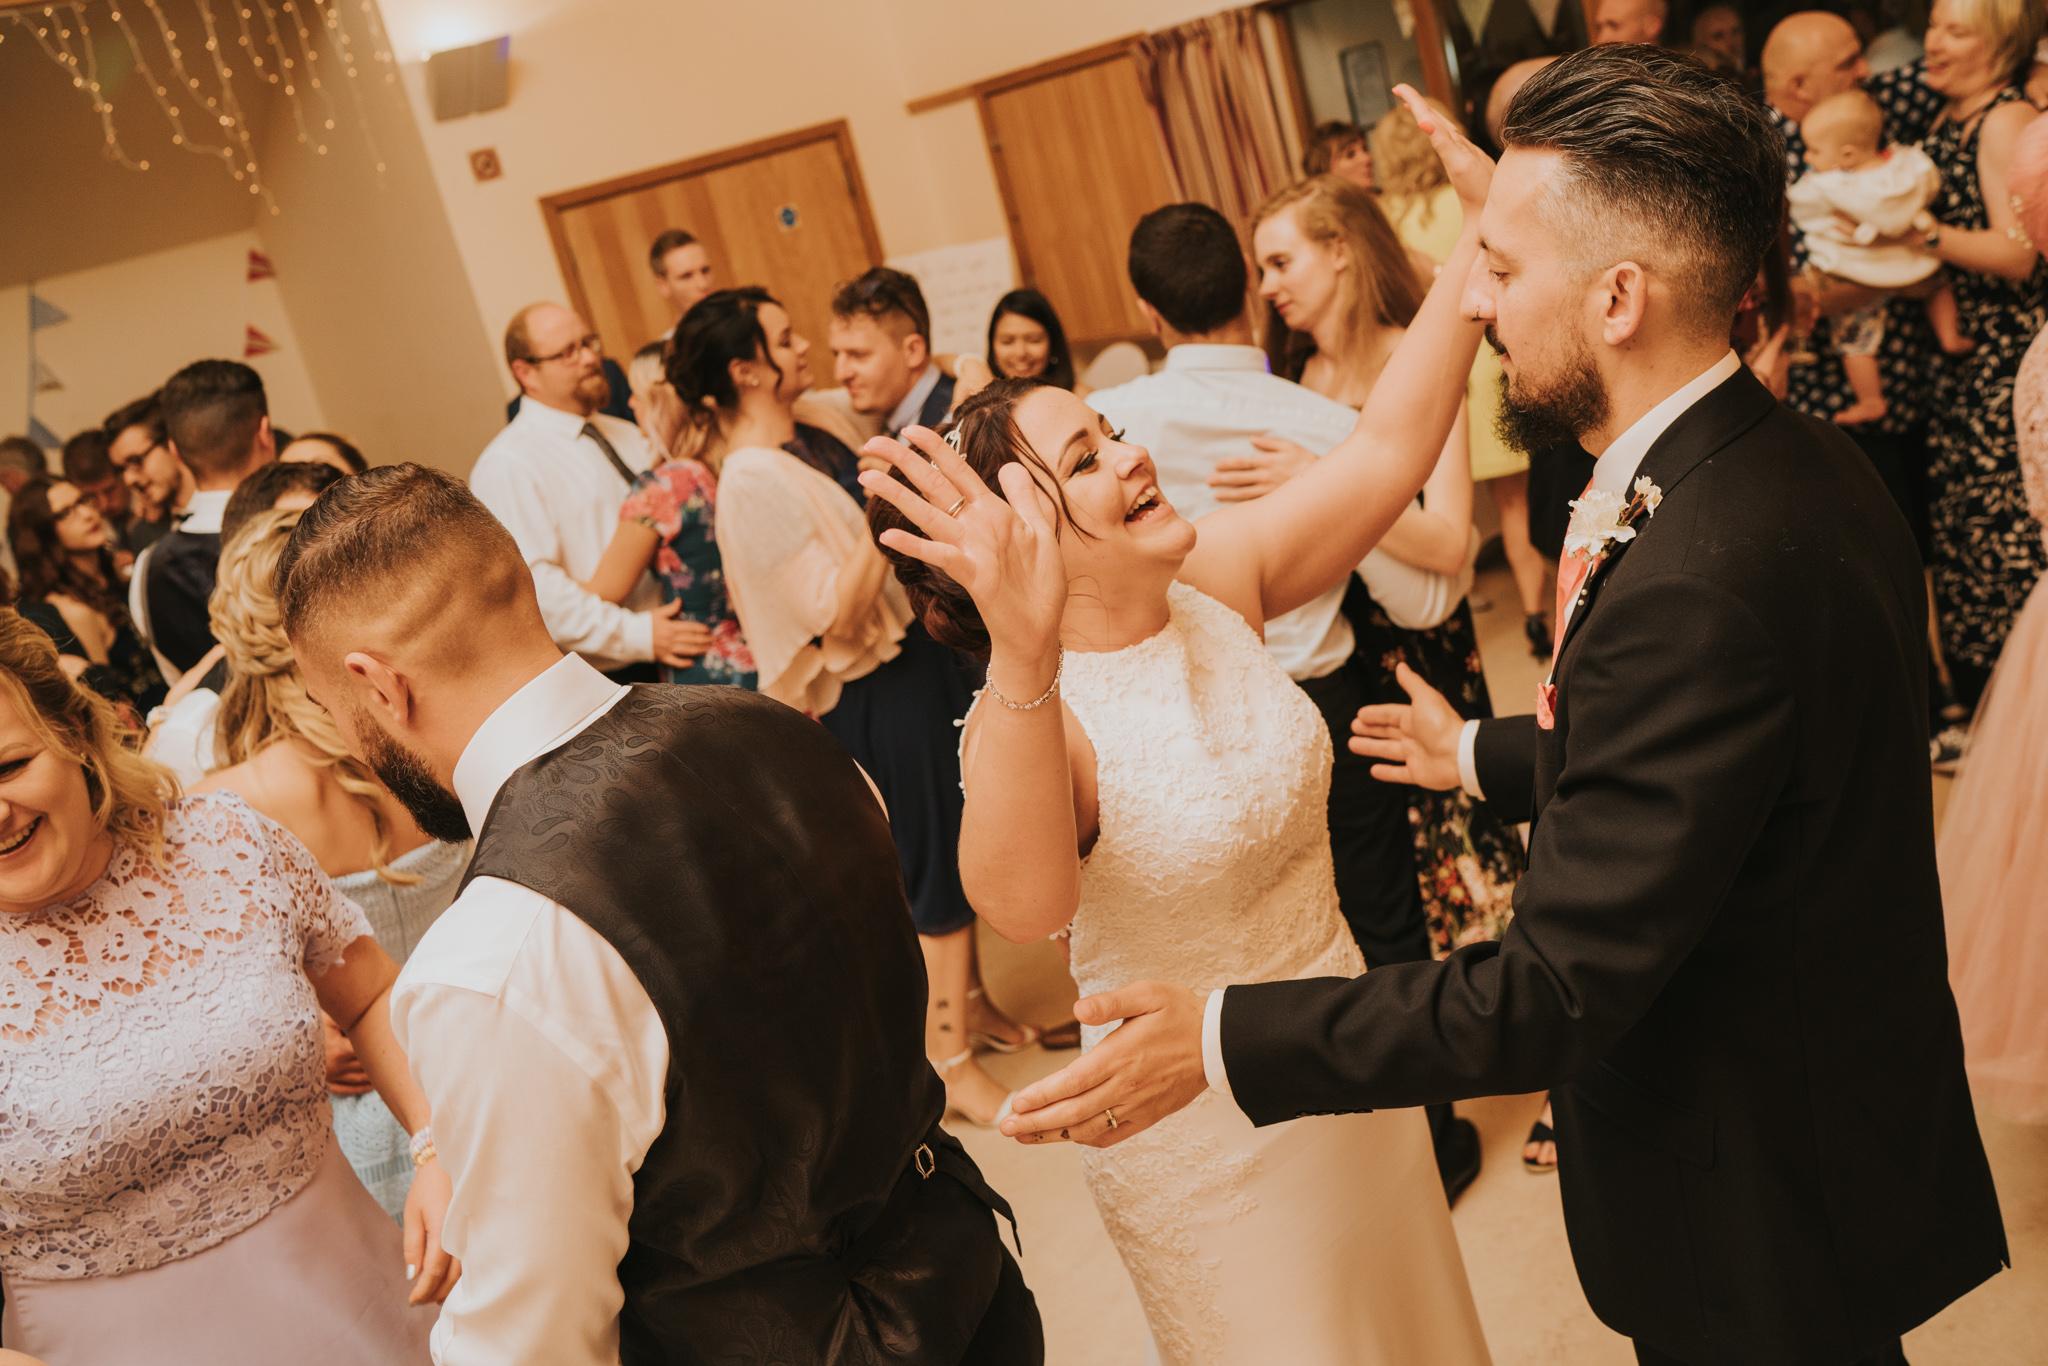 Joe-Tiffany-Colchester-Castle-Wedding-Essex-Grace-Elizabeth-Colchester-Essex-Alternative-Wedding-Photographer-Suffolk-Norfolk-Devon (118 of 122).jpg